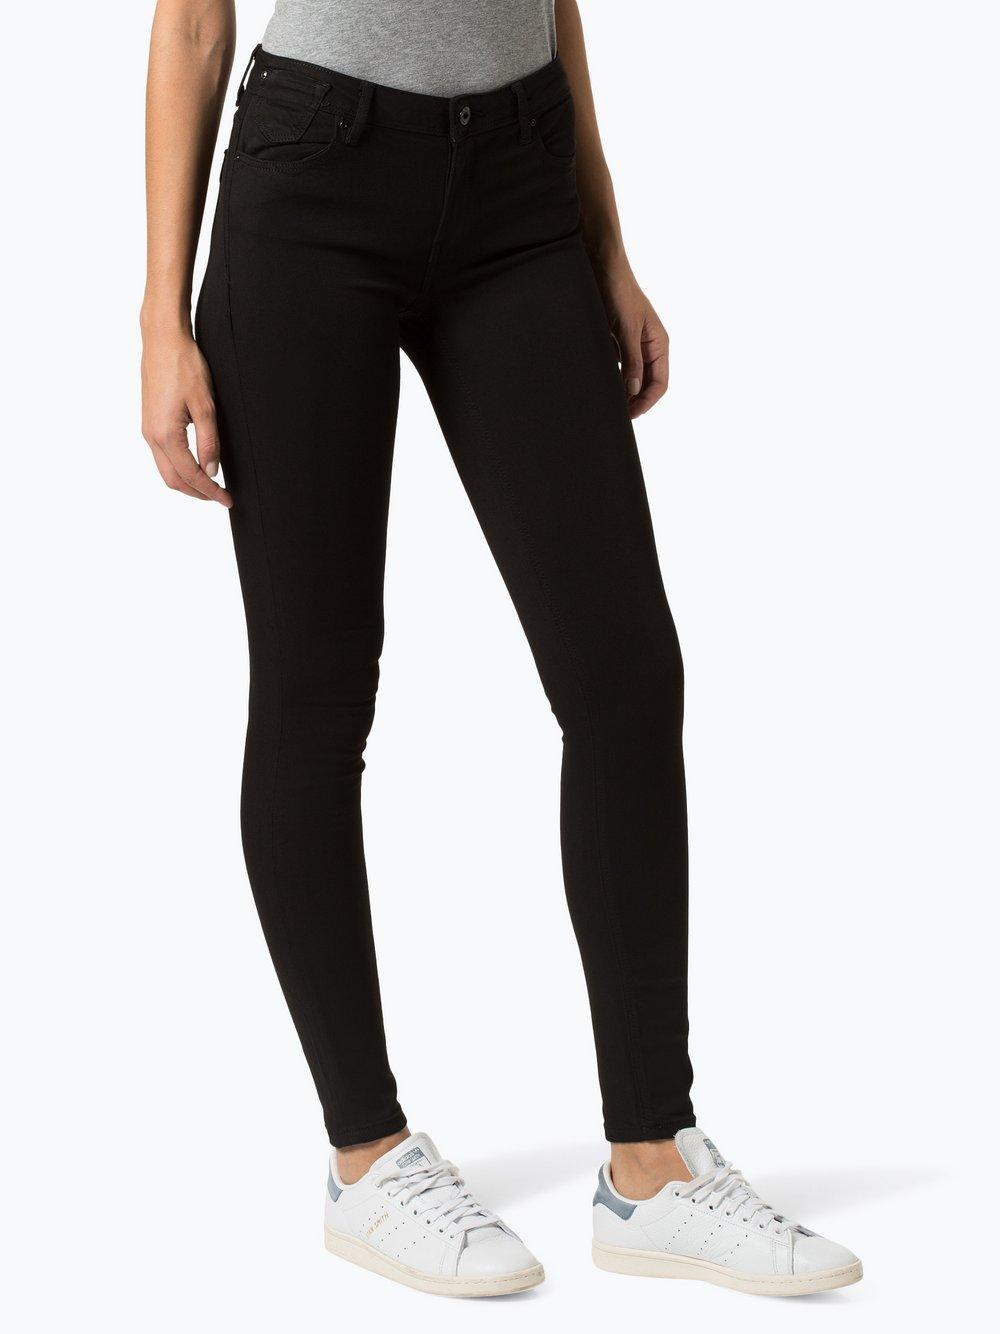 ONLY - Spodnie damskie – Carmen, czarny